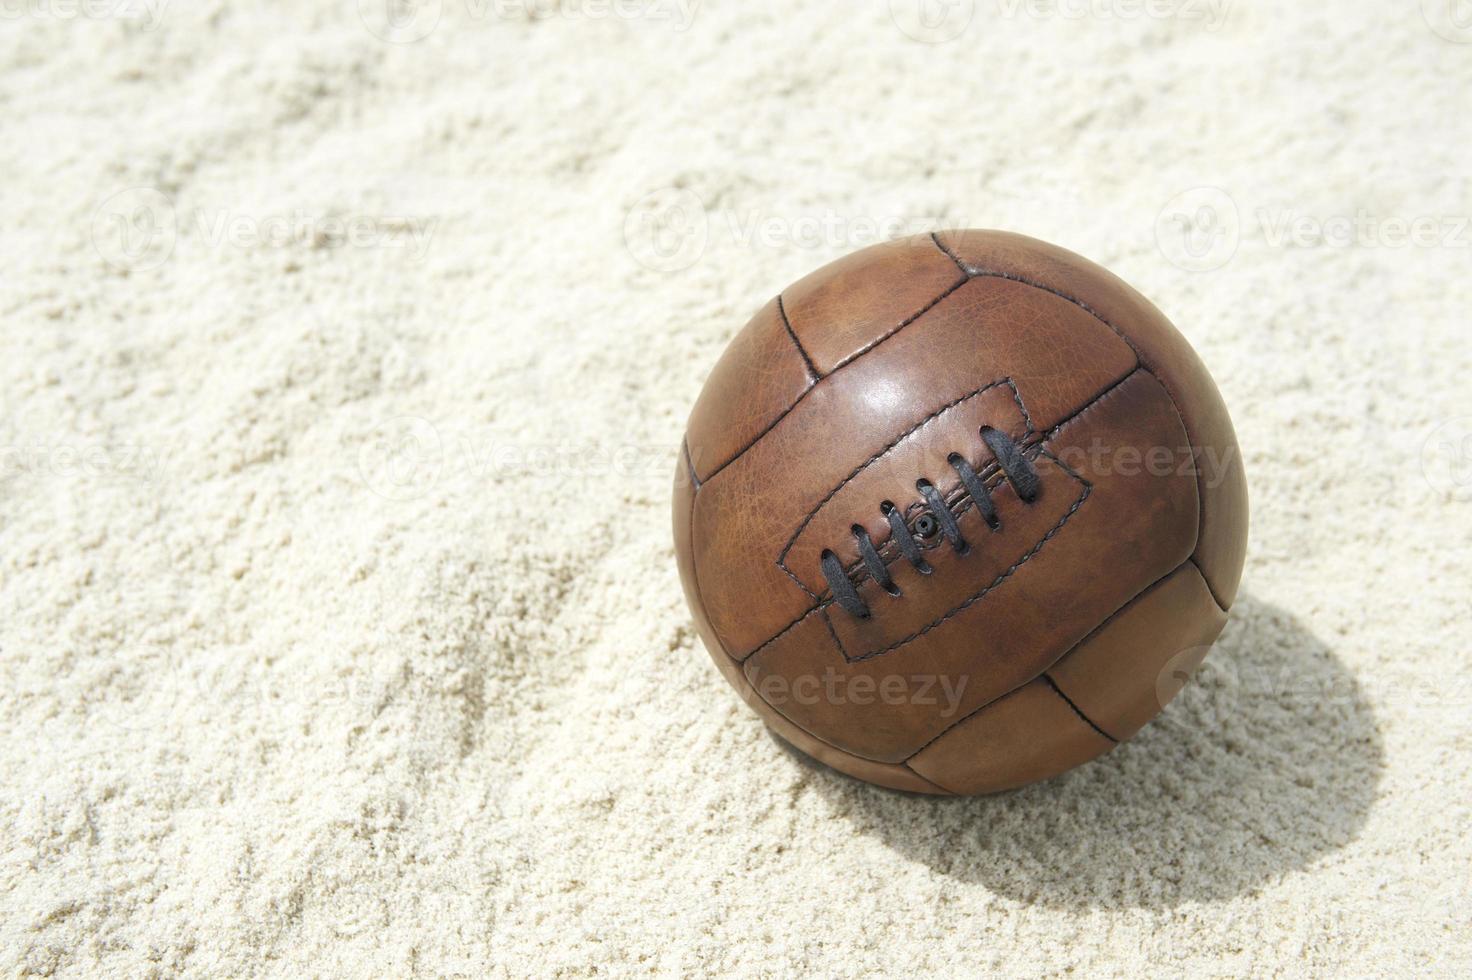 pallone da calcio marrone vintage calcio sfondo spiaggia di sabbia foto